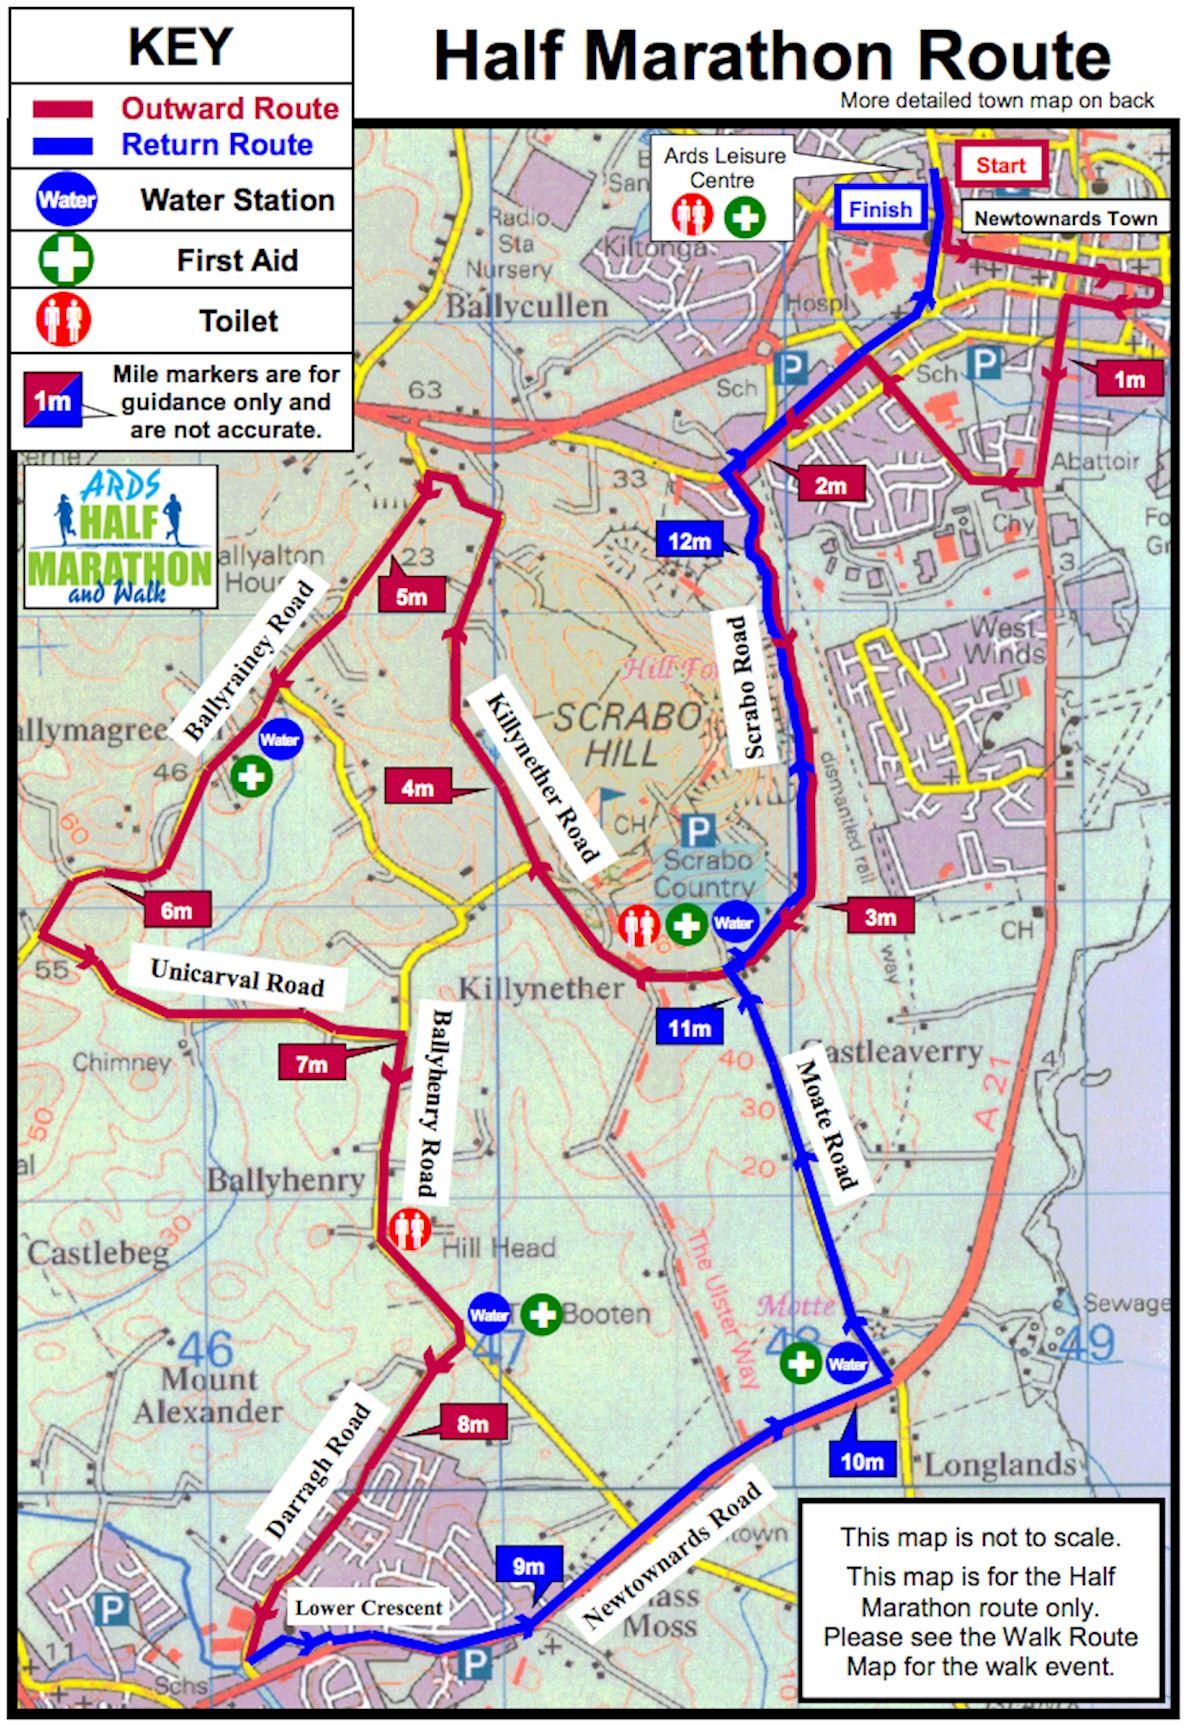 Ards Half Marathon MAPA DEL RECORRIDO DE